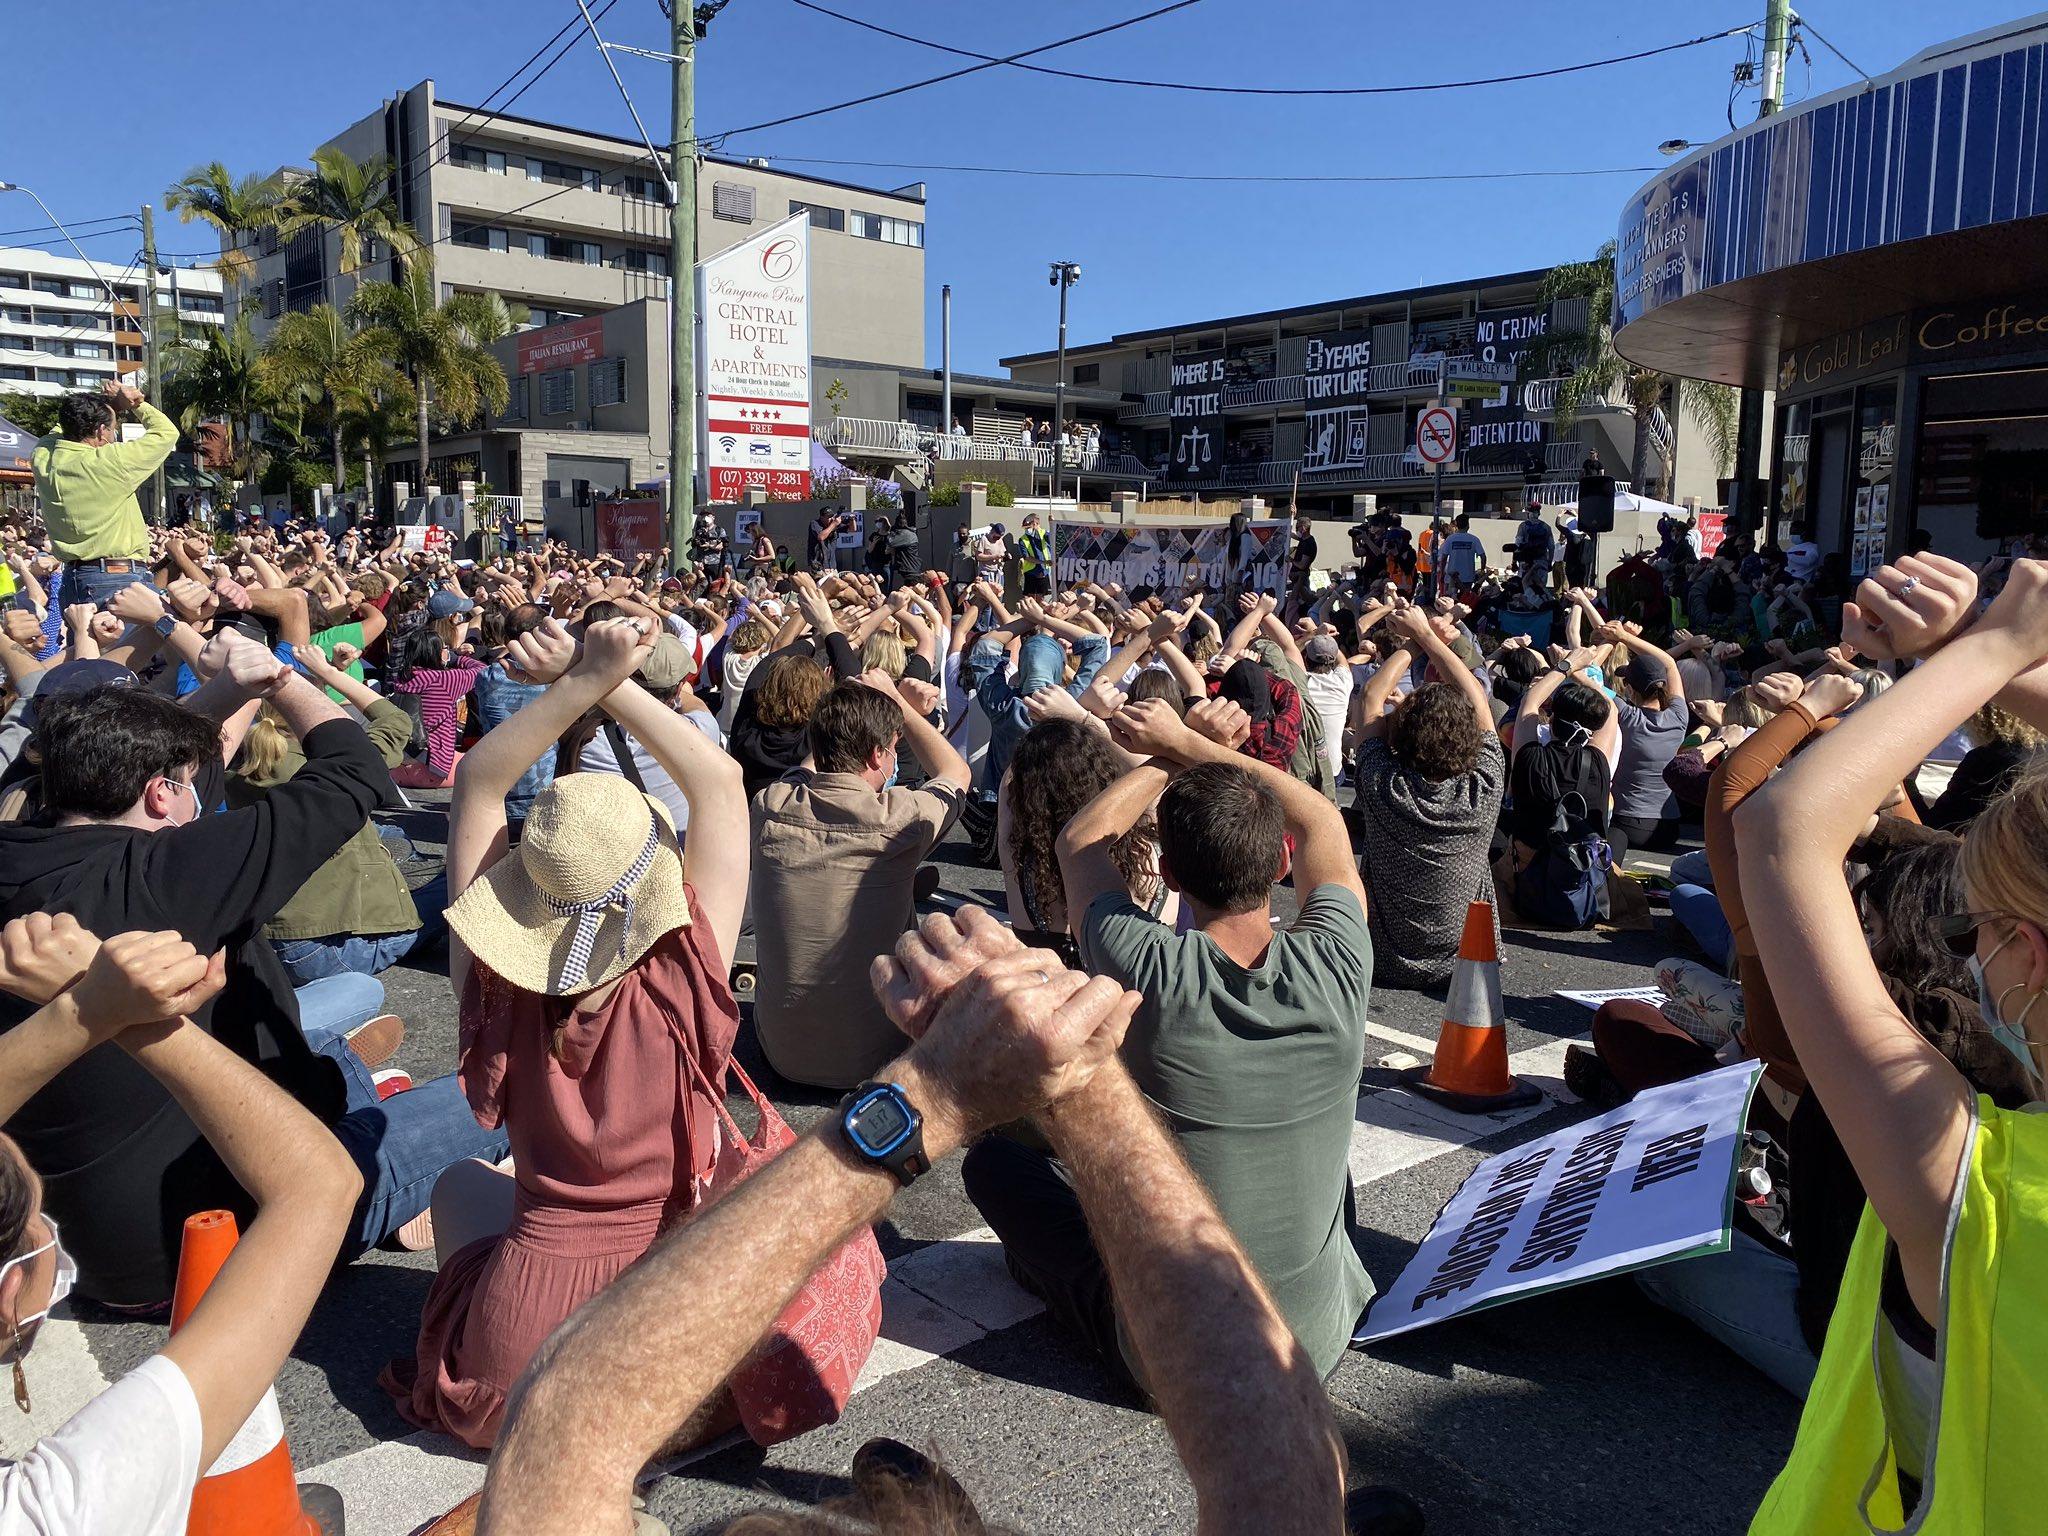 7月19日,当地人在澳大利亚布里斯班抗议已经生效7年的难民政策 (图源:布察尼推特)